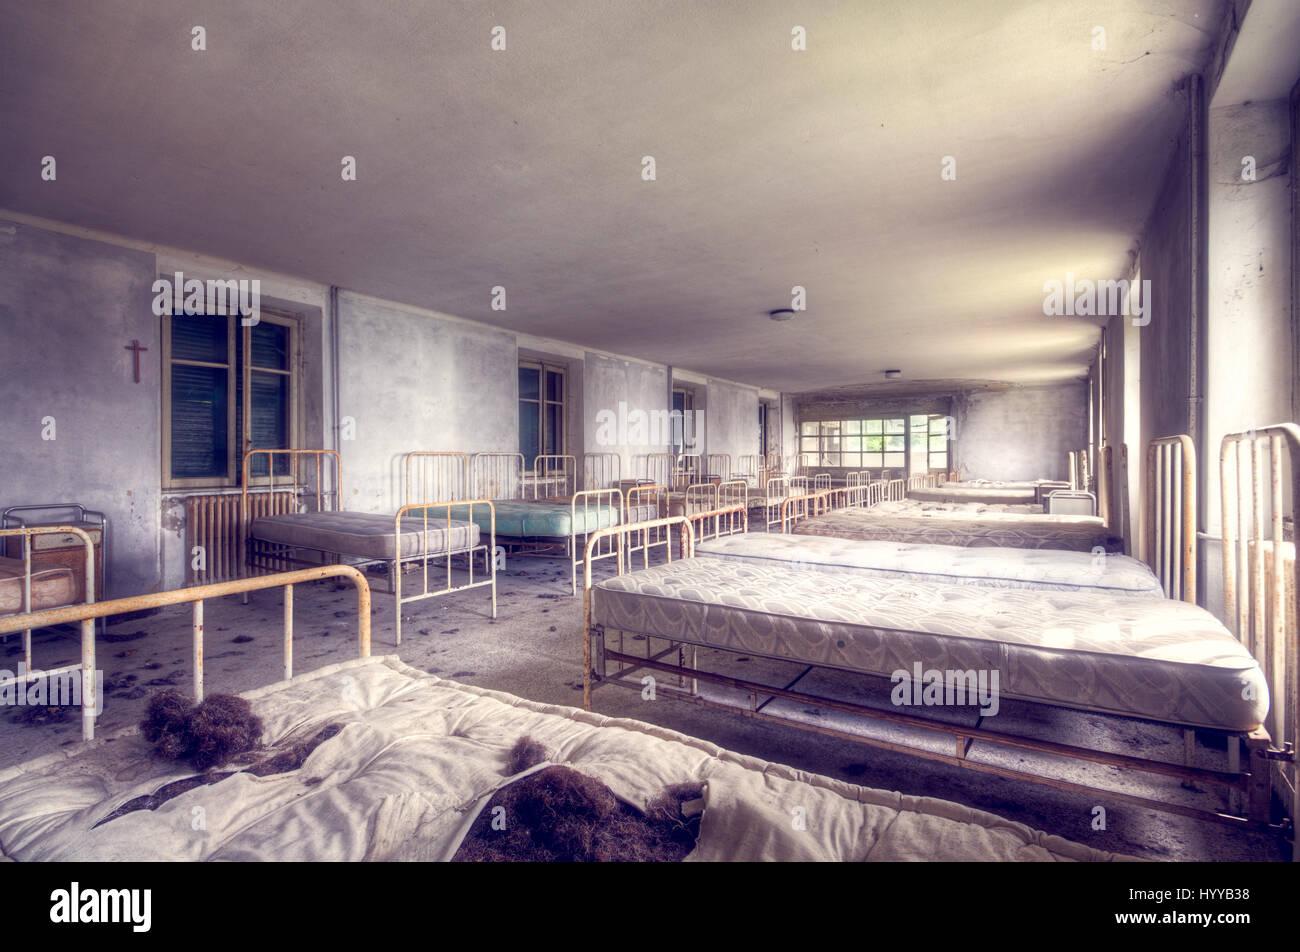 Chambre Matelas Au Sol chambres à l'intérieur d'un hôpital pour enfants abandonnés